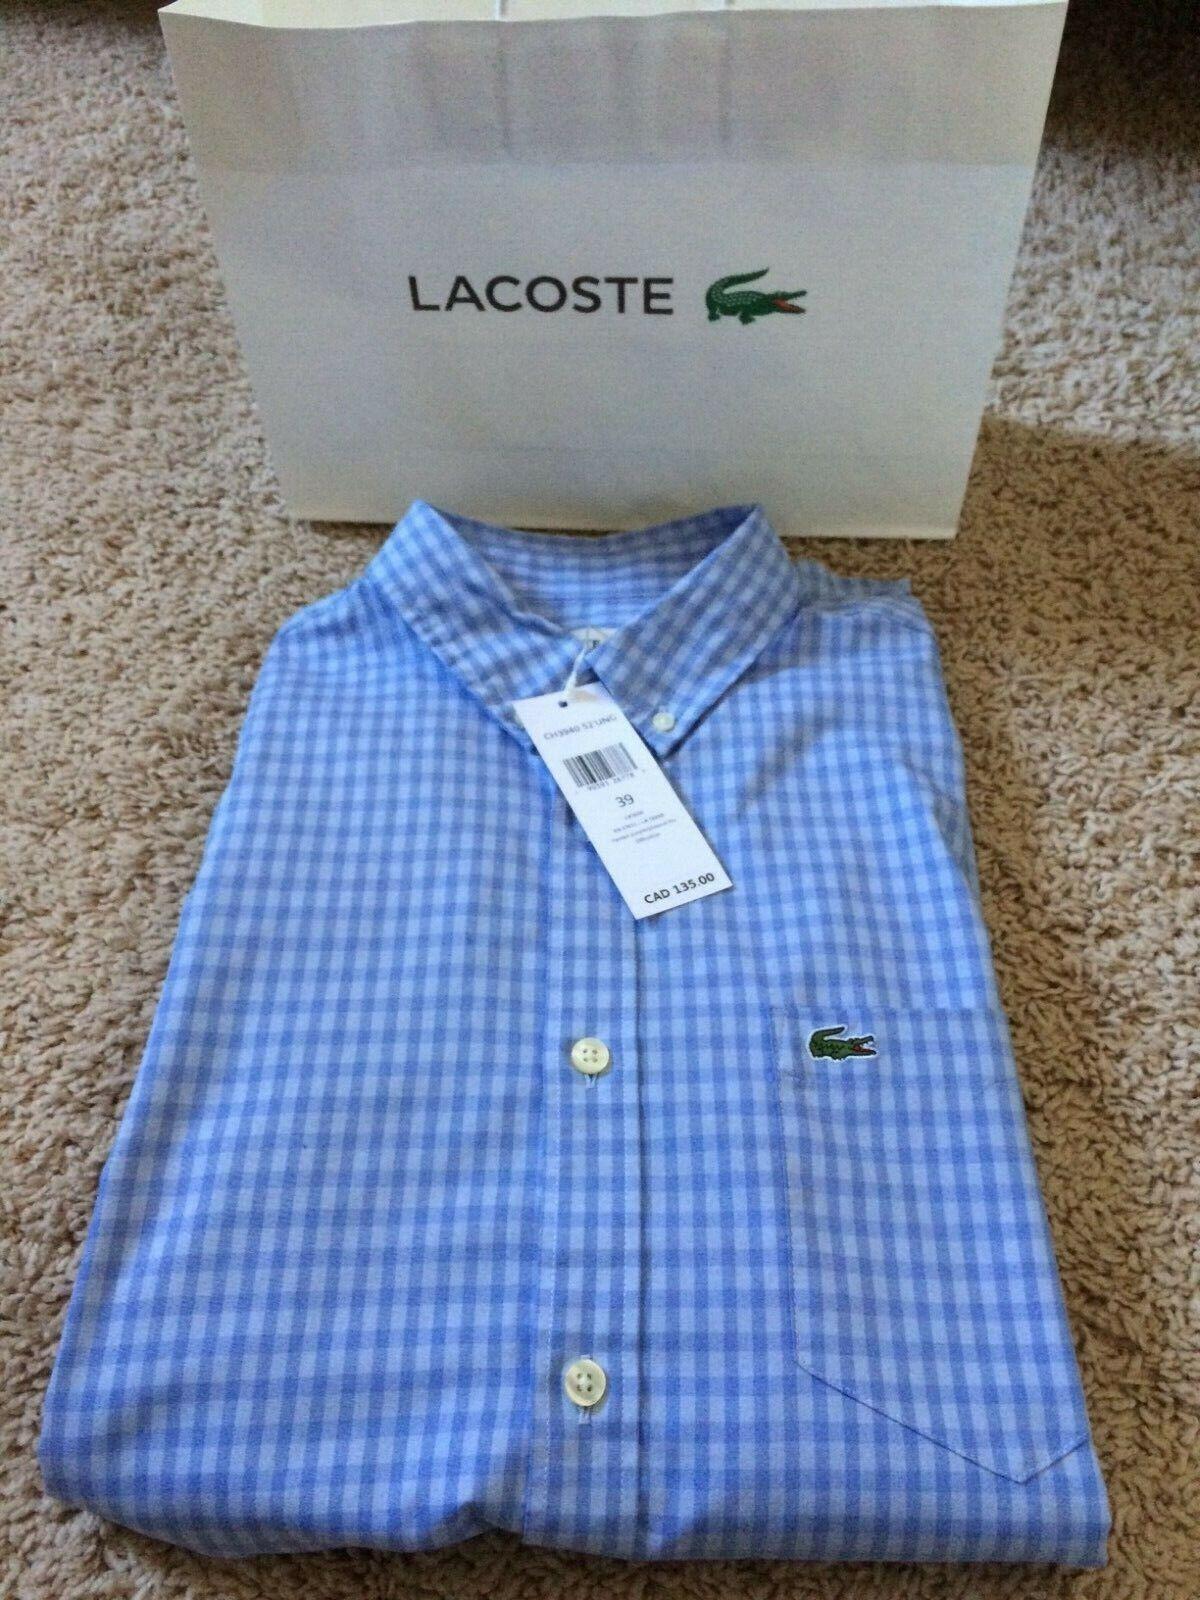 Lacoste Dress Shirt 100% Cotton